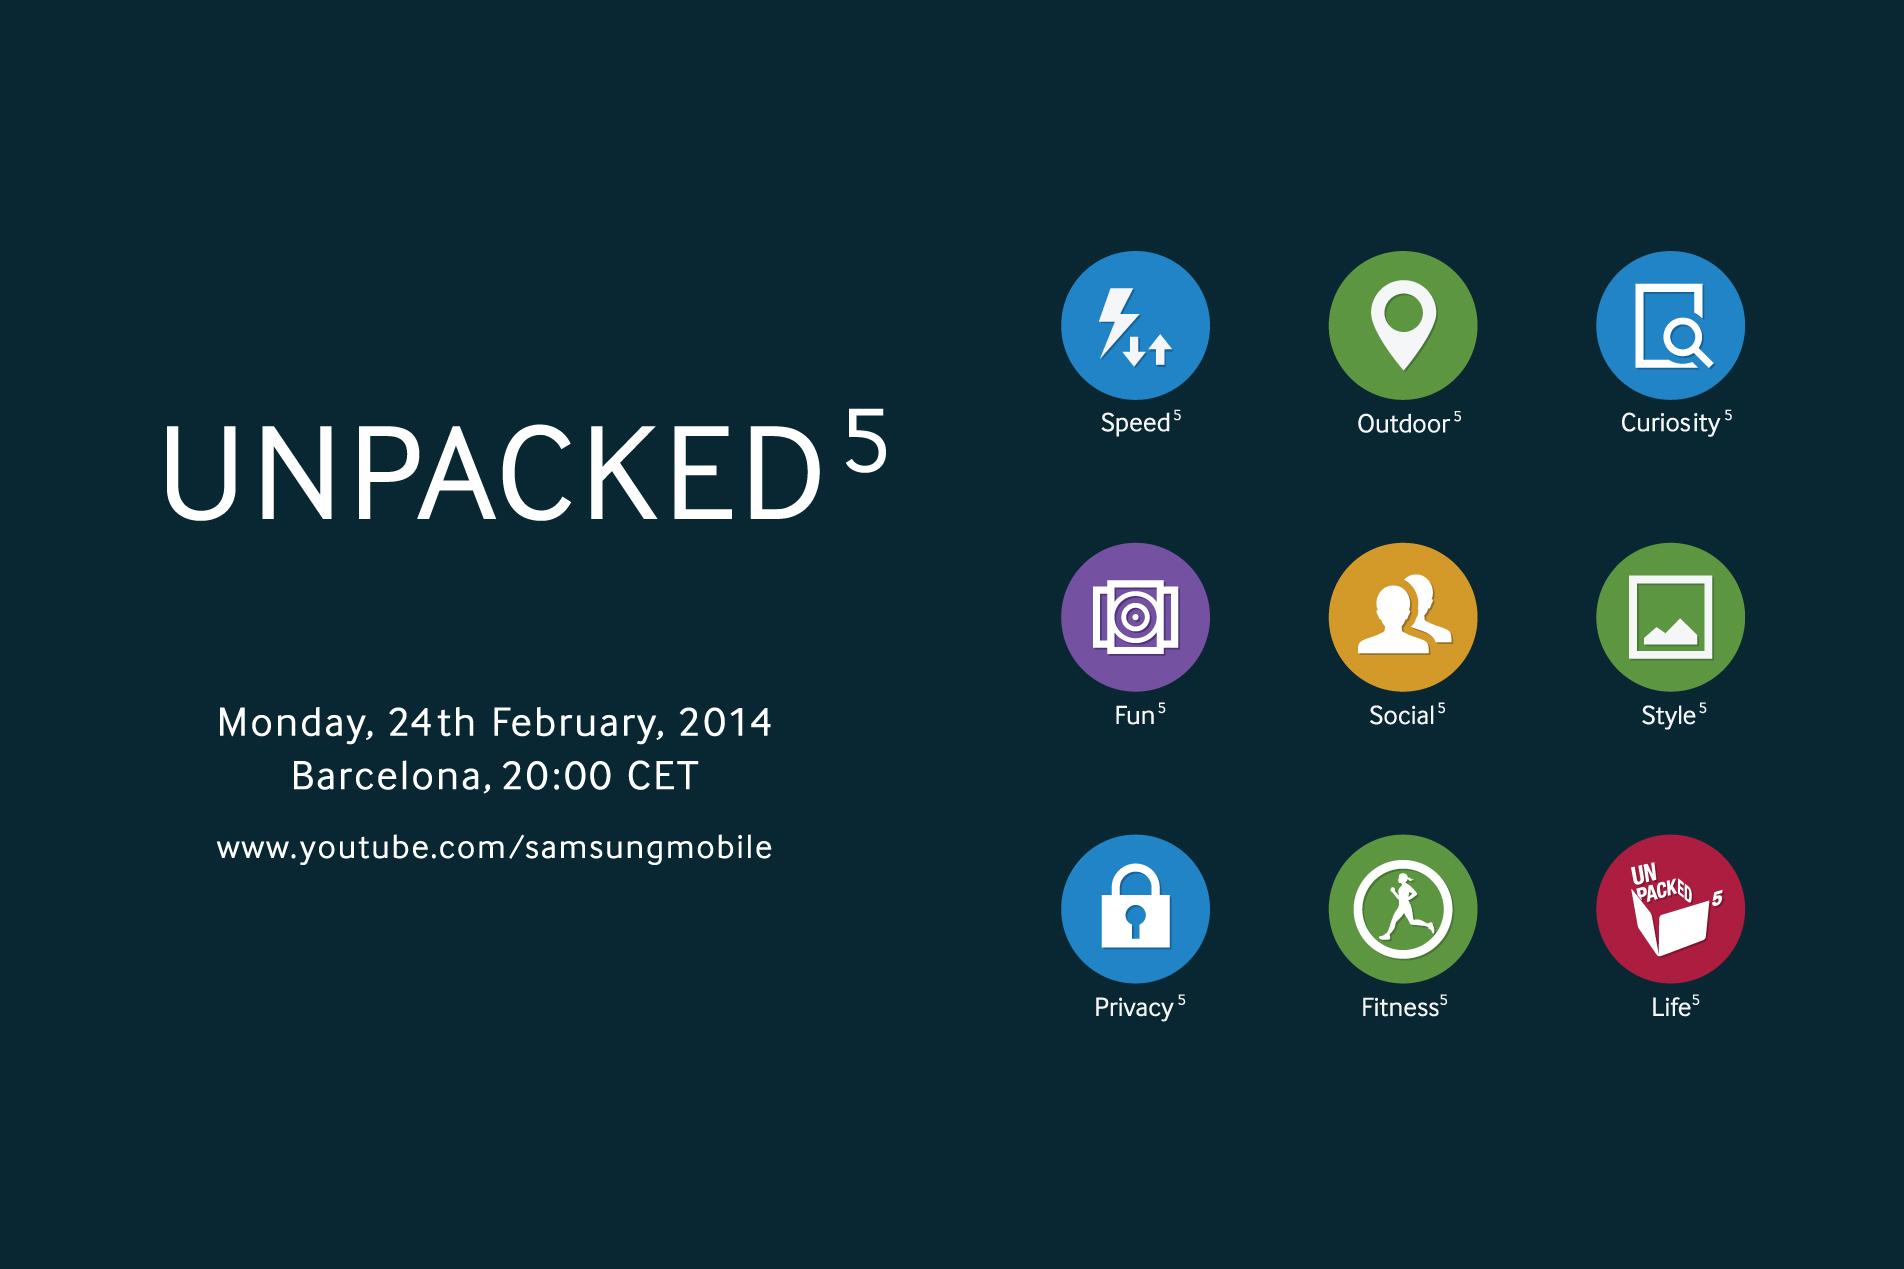 Update on Samsung Unpacked 2014